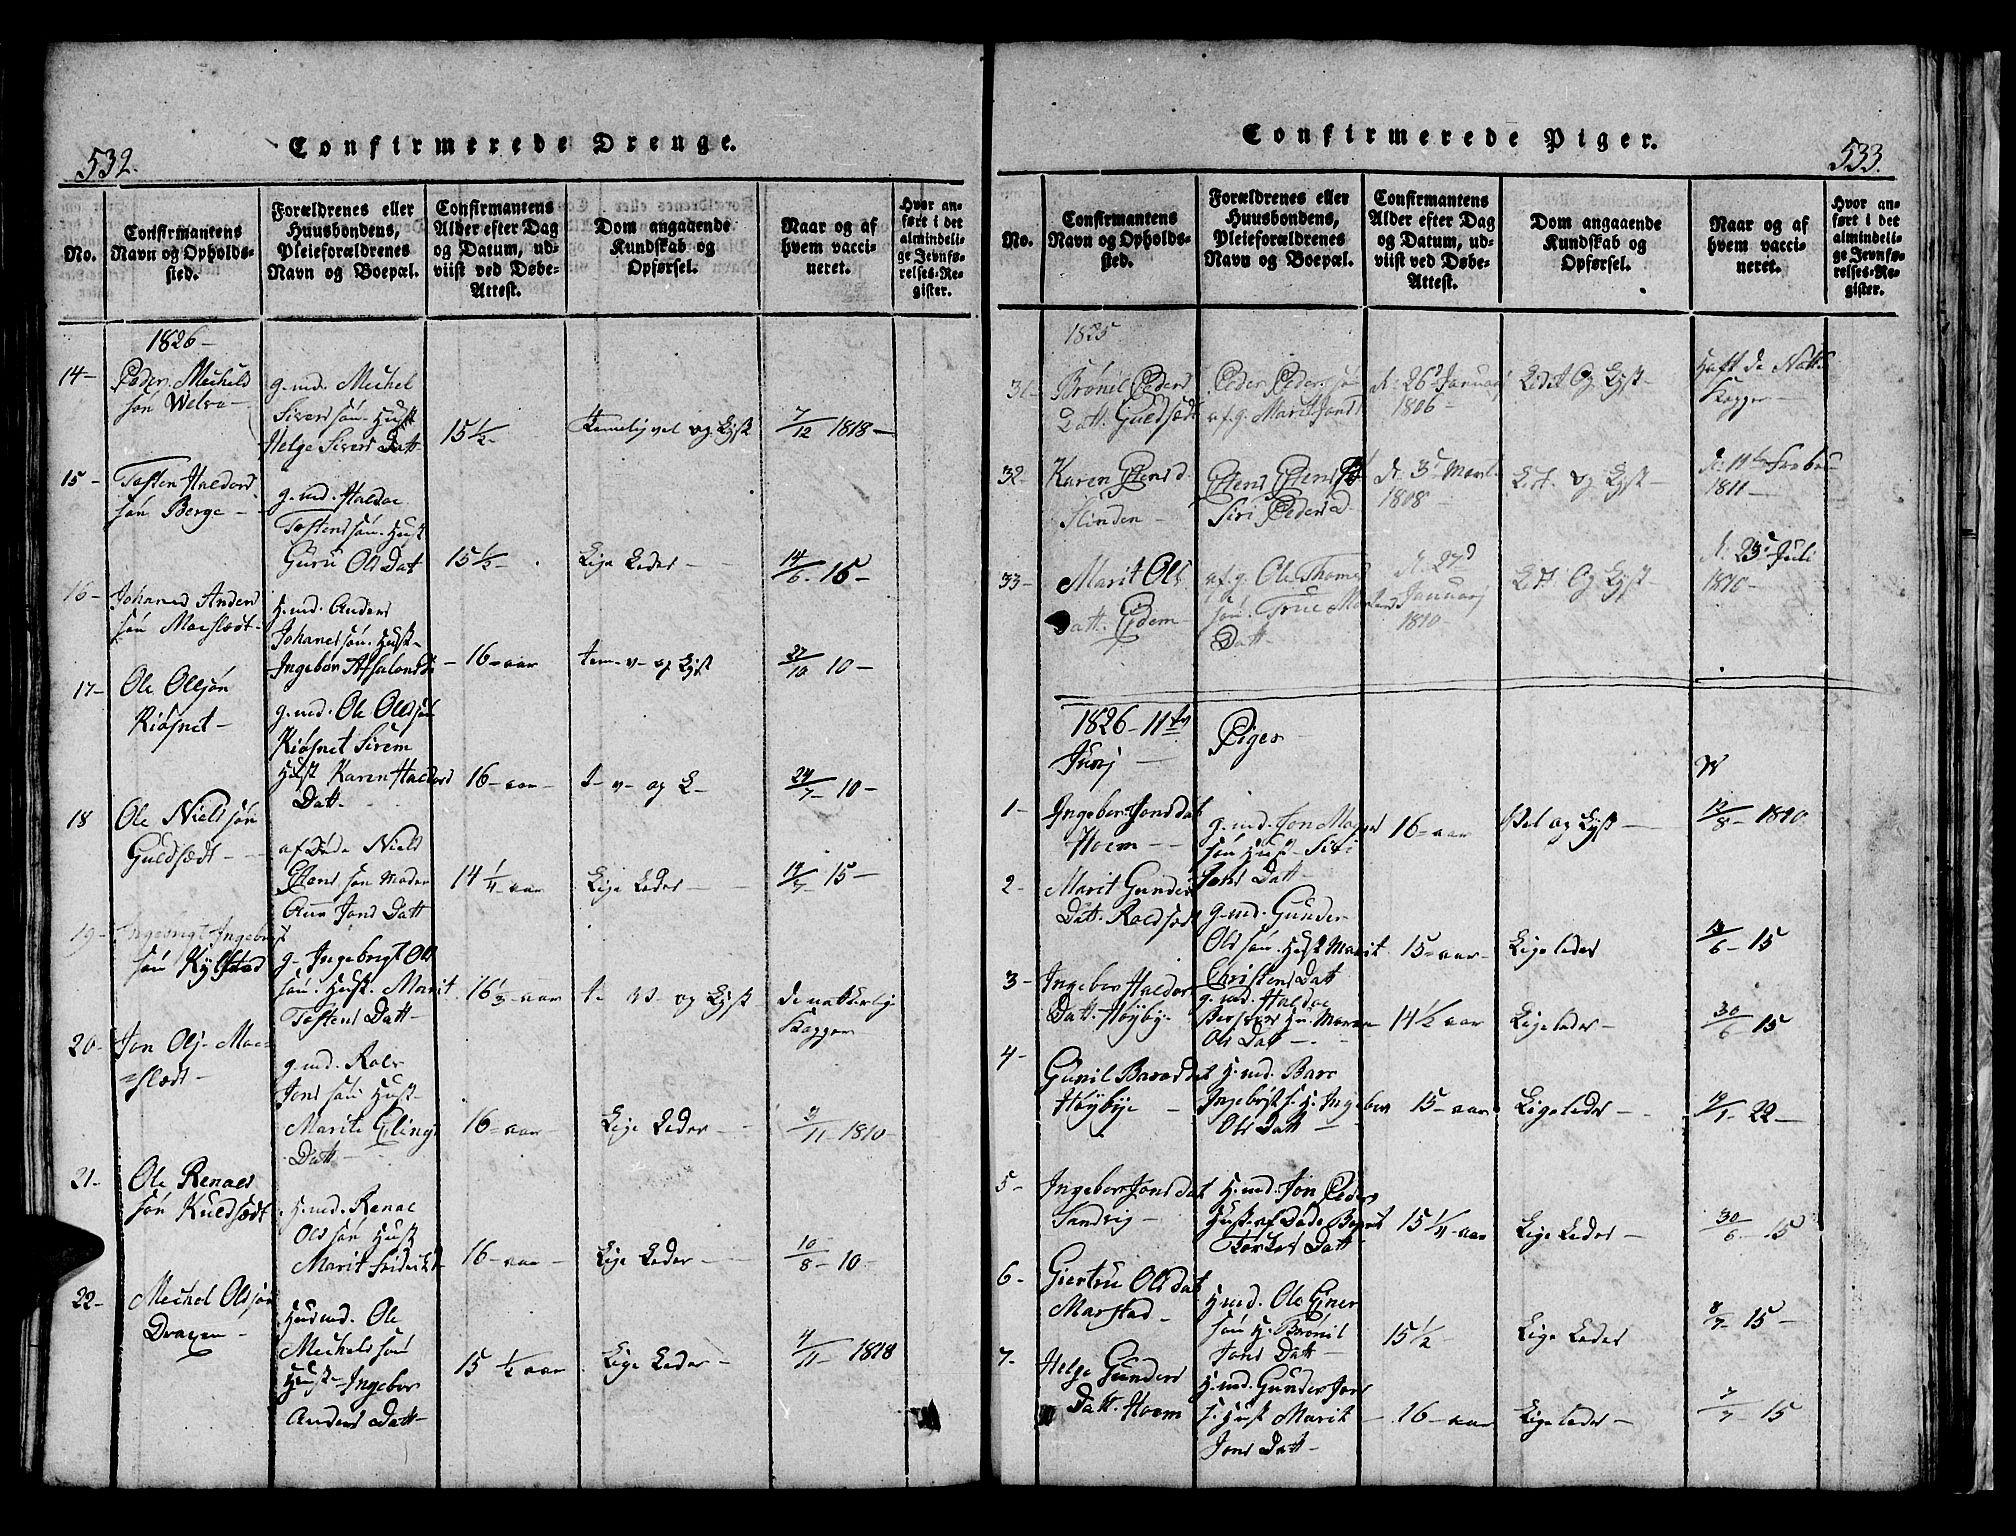 SAT, Ministerialprotokoller, klokkerbøker og fødselsregistre - Sør-Trøndelag, 695/L1152: Klokkerbok nr. 695C03, 1816-1831, s. 532-533